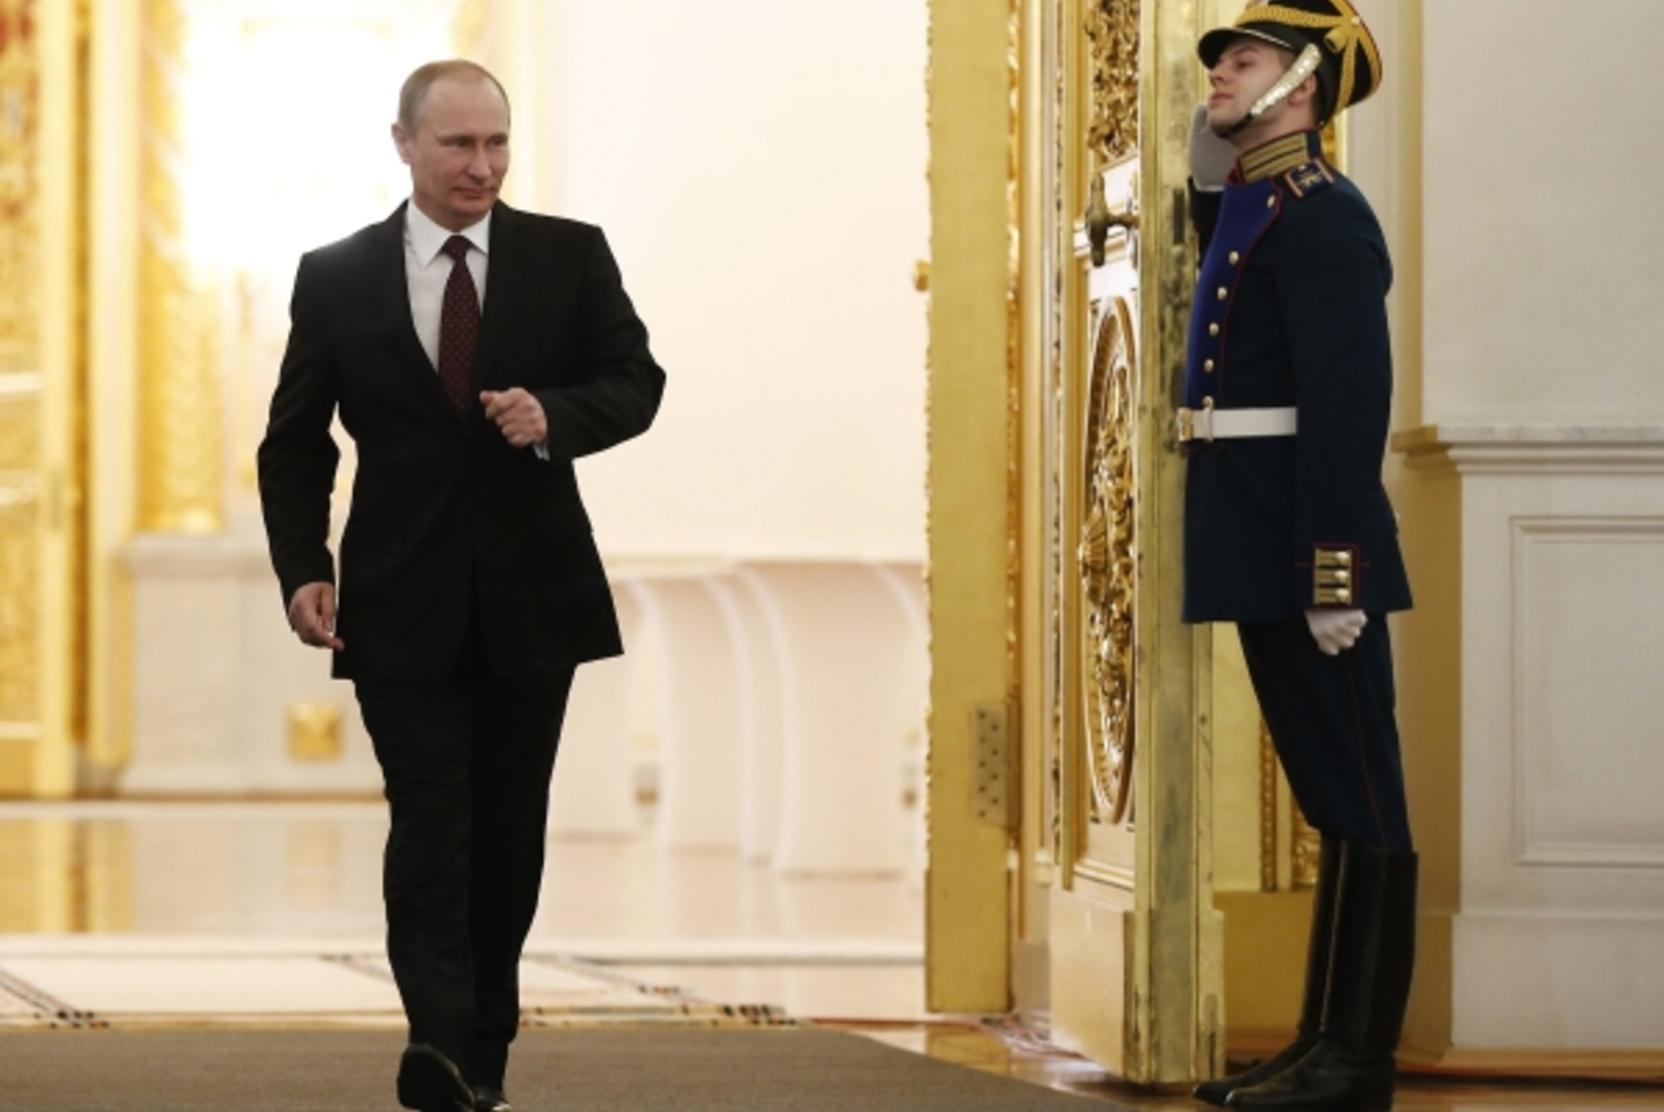 Экономика, бедность, суверенитет. О чем еще скажет Путин Федеральному Собранию?